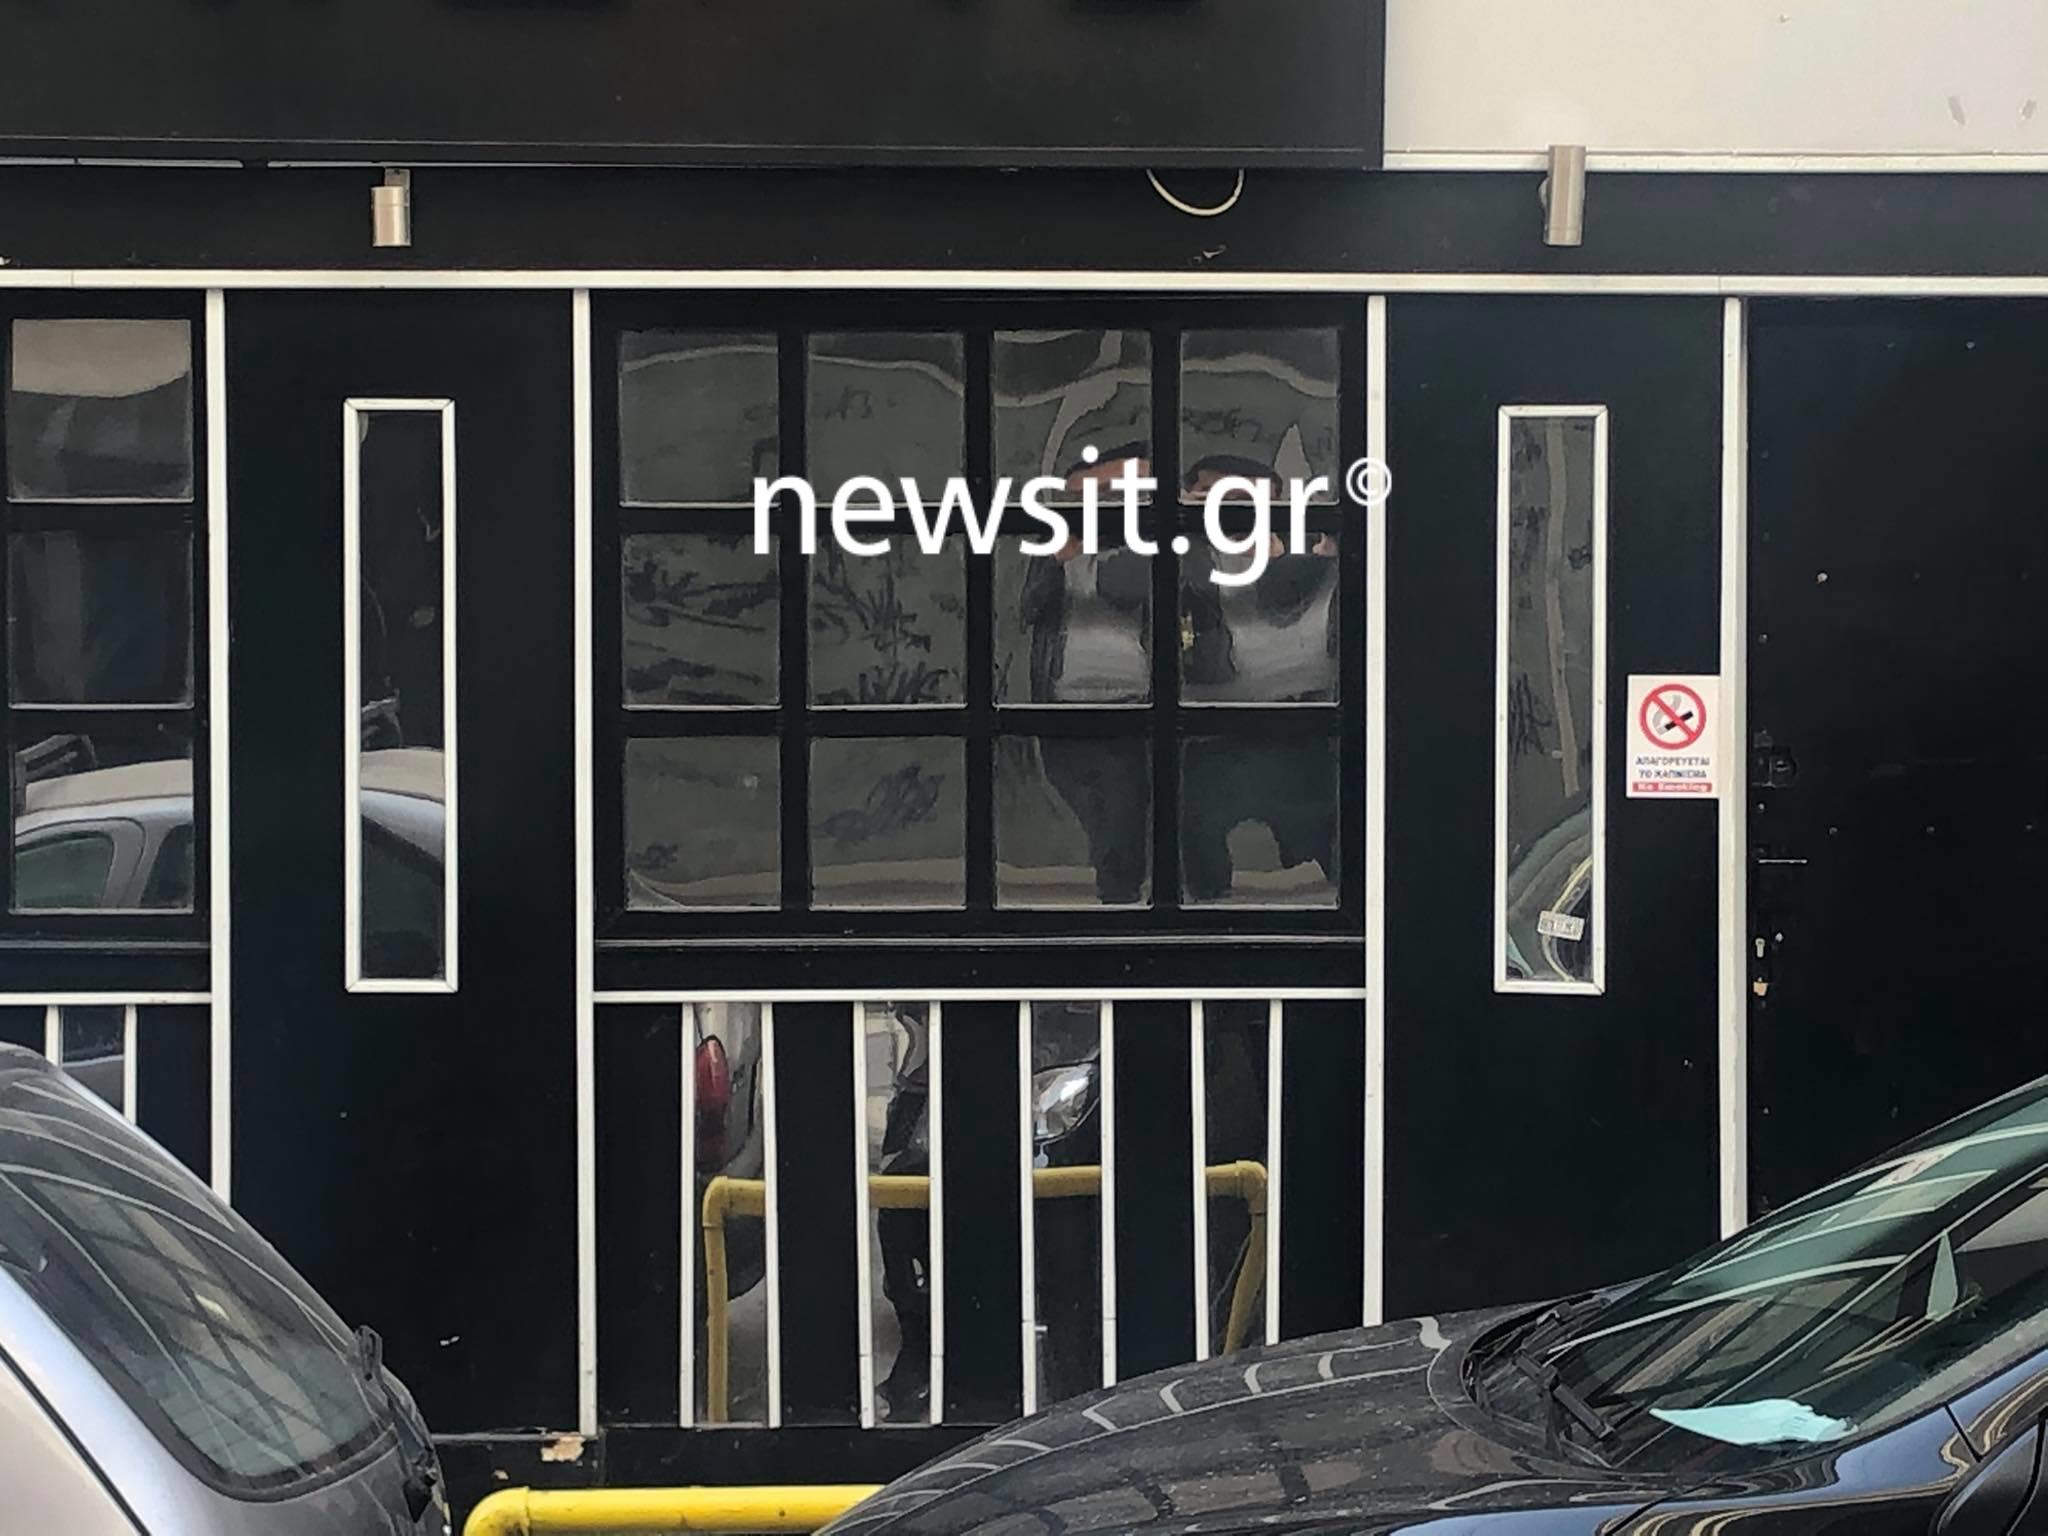 «Παρτάκι» σε μπαρ καμπαρέ της Θεσσαλονίκης – Τι αντίκρισαν οι αστυνομικοί